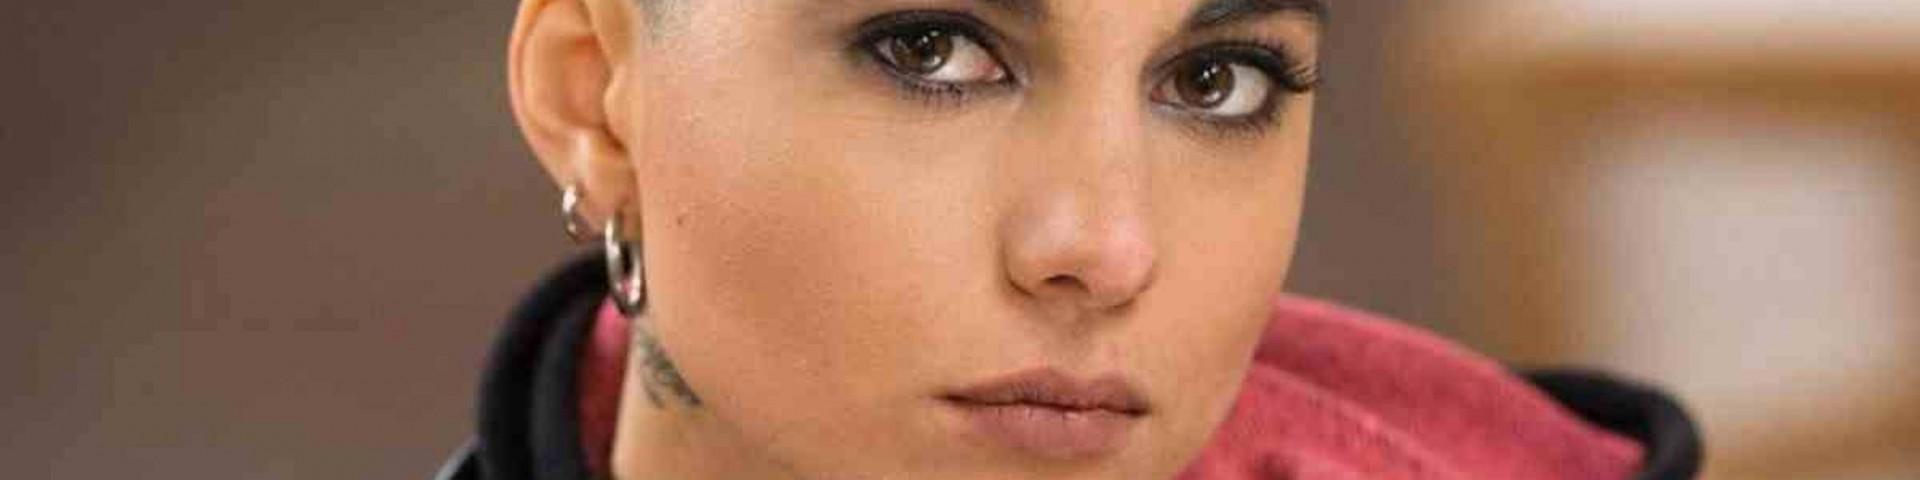 """Giordana Angi: """"Se sono innamorata di una ragazza, lo dico"""""""